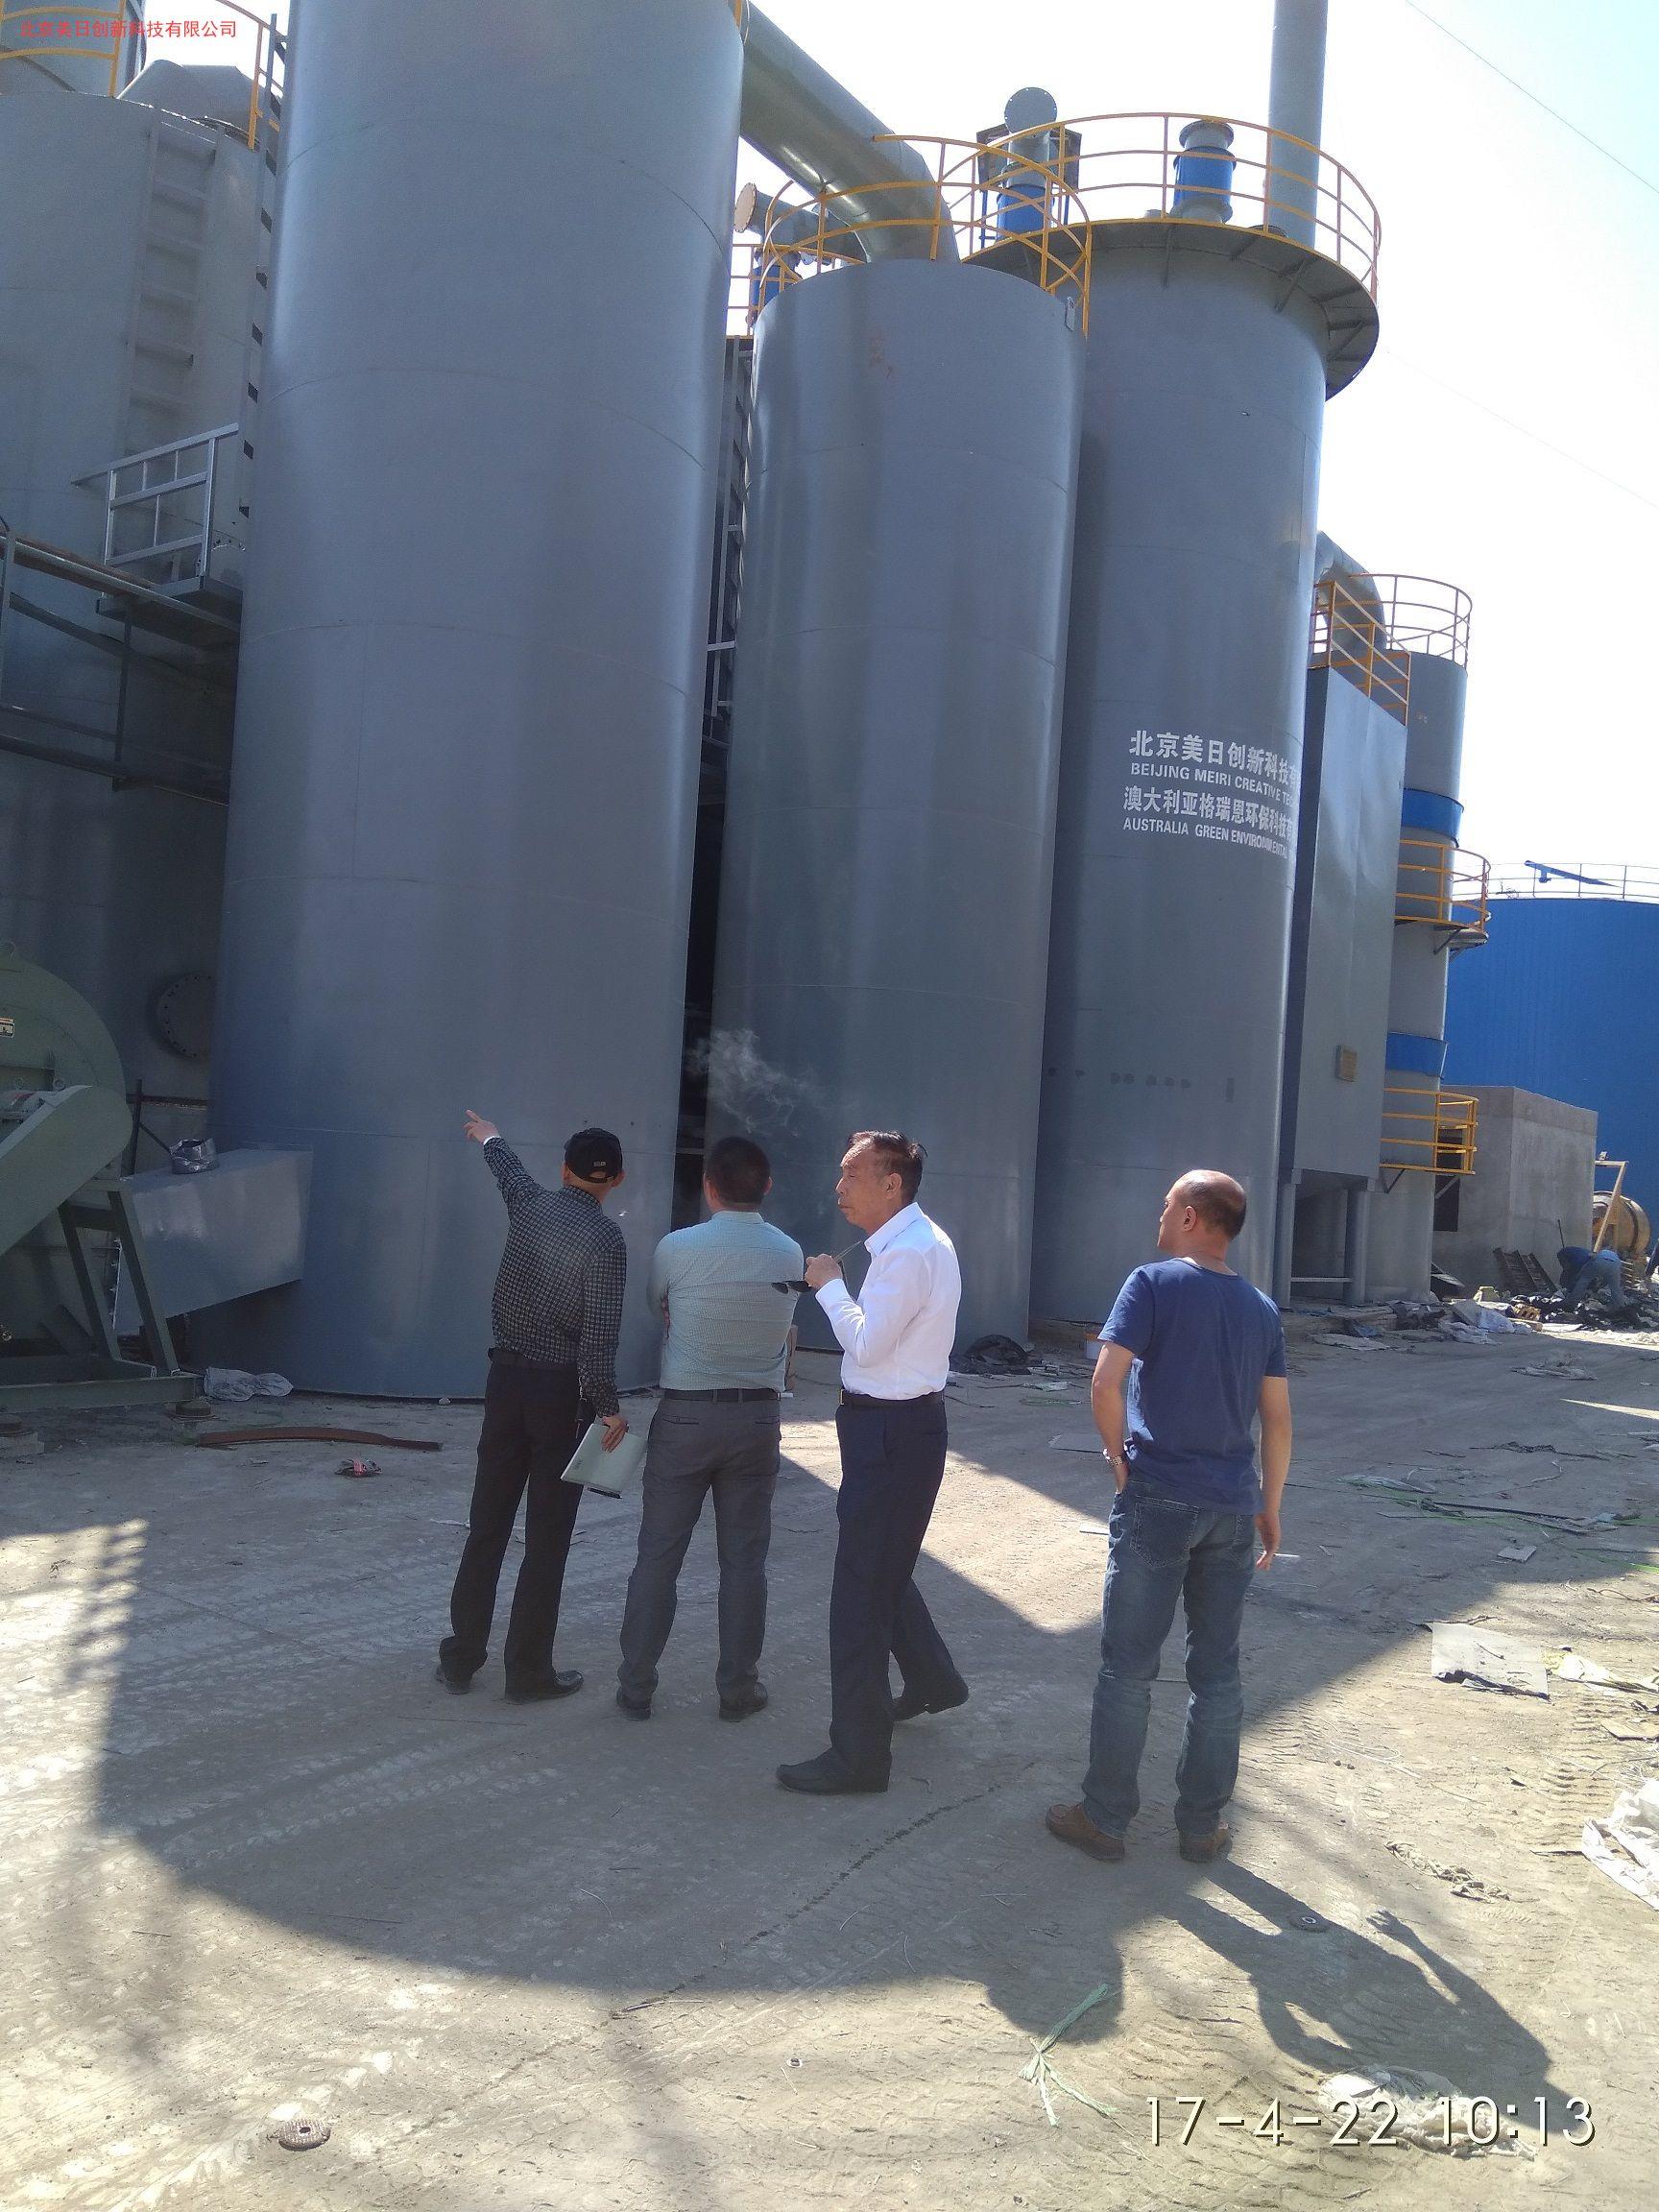 防水卷材環保設備與市場需求分析